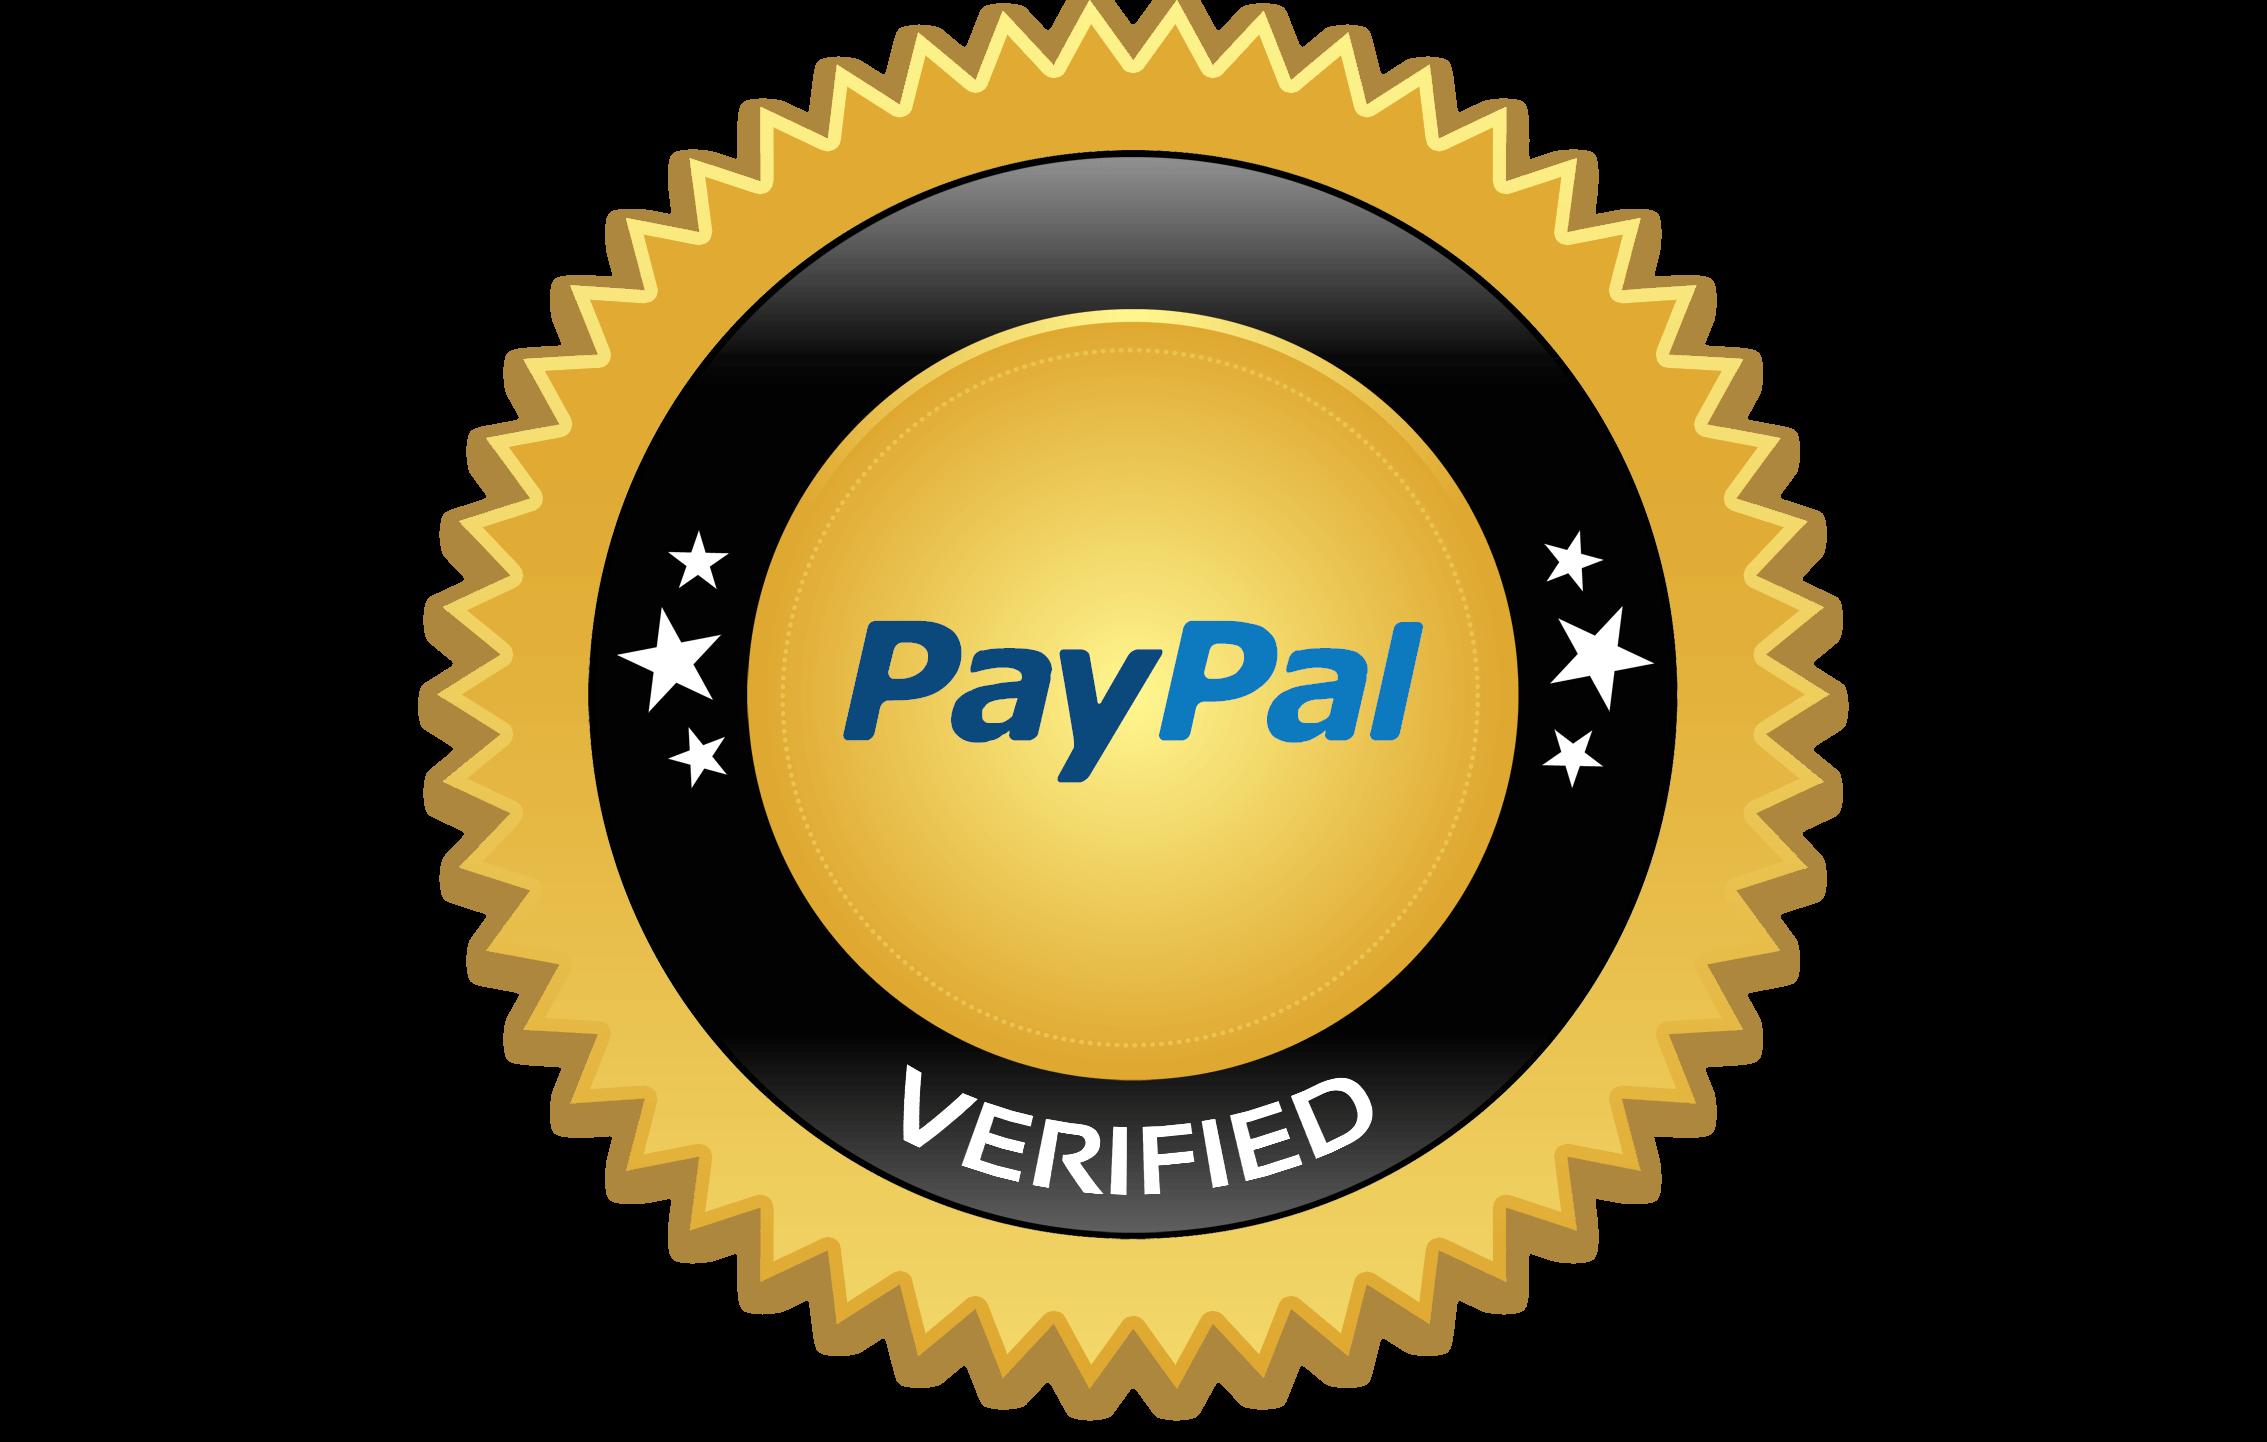 circle, orange, verified paypal logo png #2141